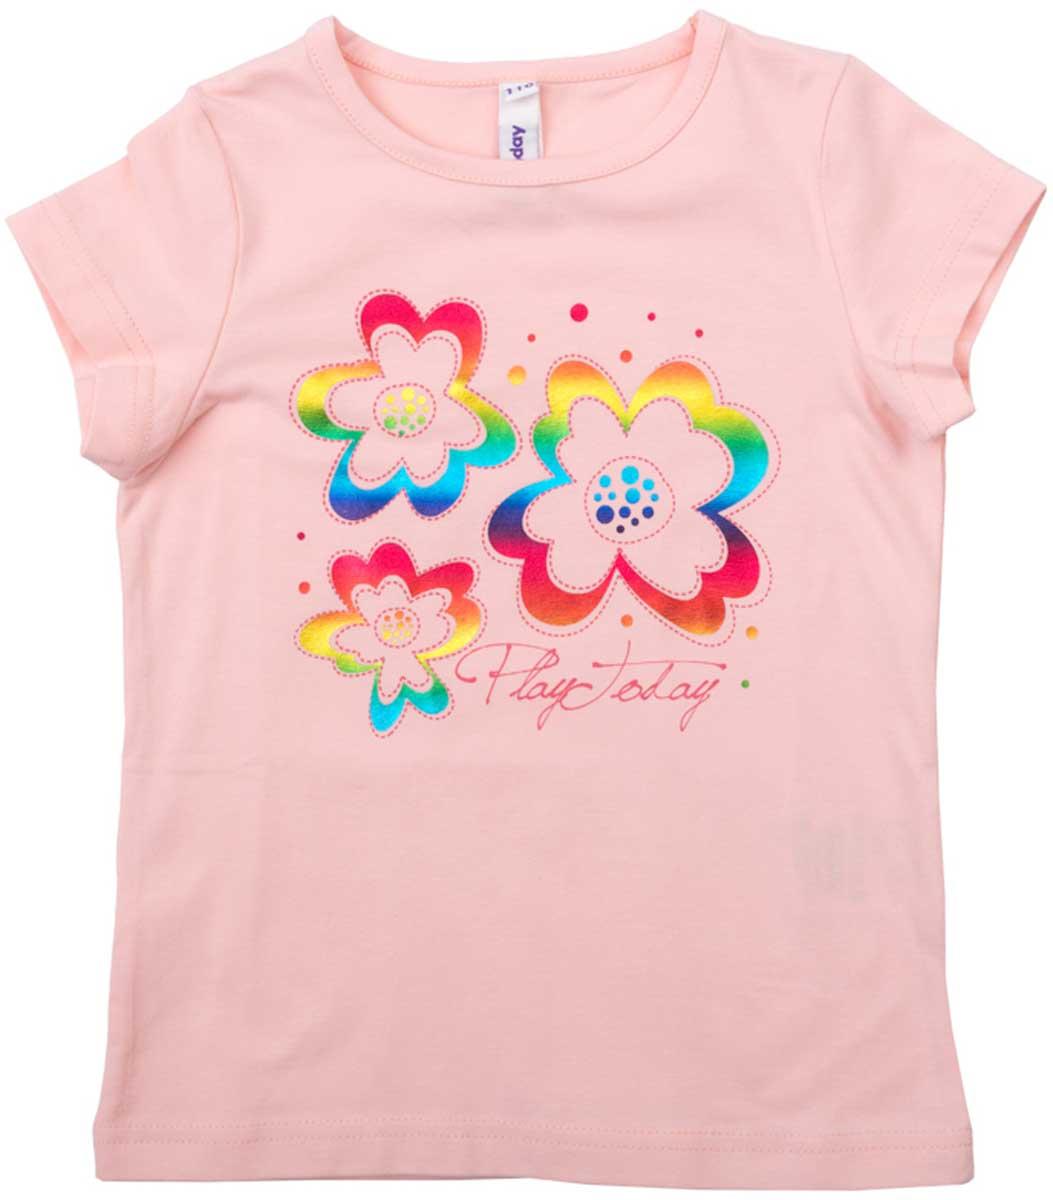 Футболка для девочки PlayToday, цвет: розовый. 172028. Размер 104172028Футболка для девочки PlayToday выполнена из хлопка и эластана. Модель с круглым вырезом горловины и короткими рукавами оформлена оригинальным принтом.